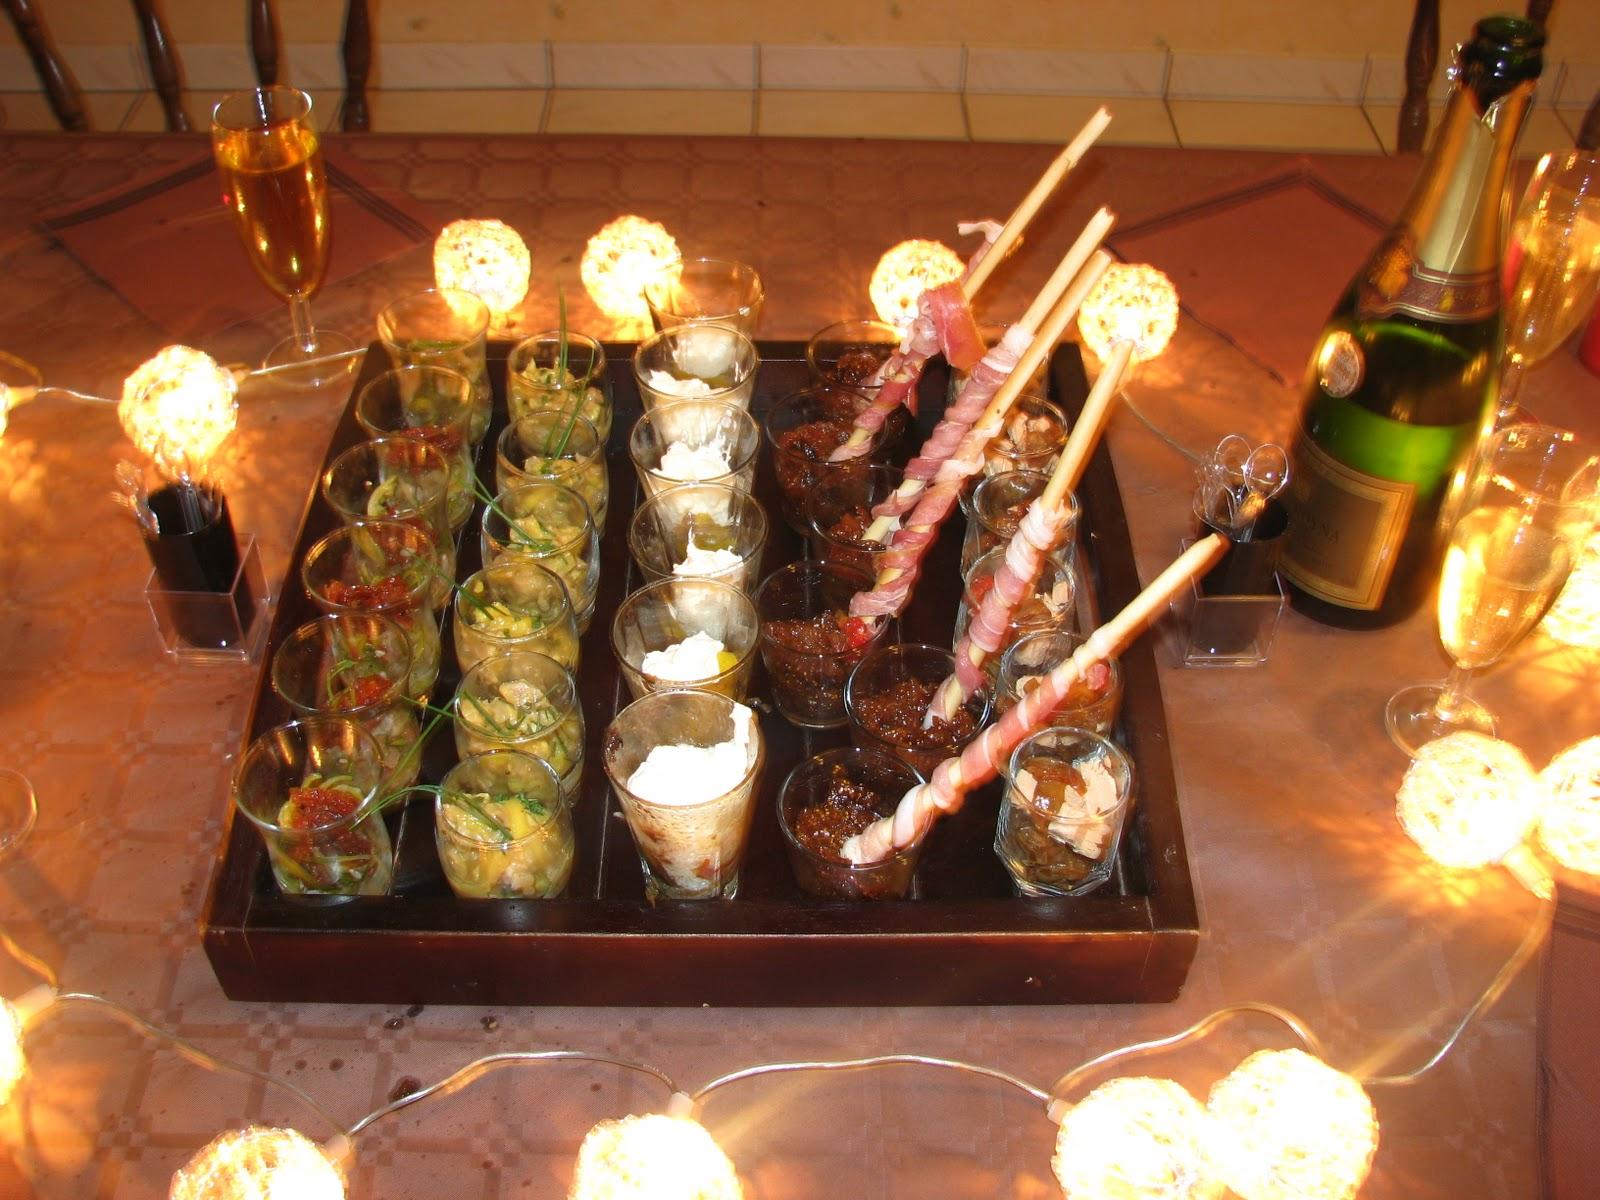 Alternatives cuisine ap ro dinatoire assez chic entre copains - Apero dinatoire chic ...